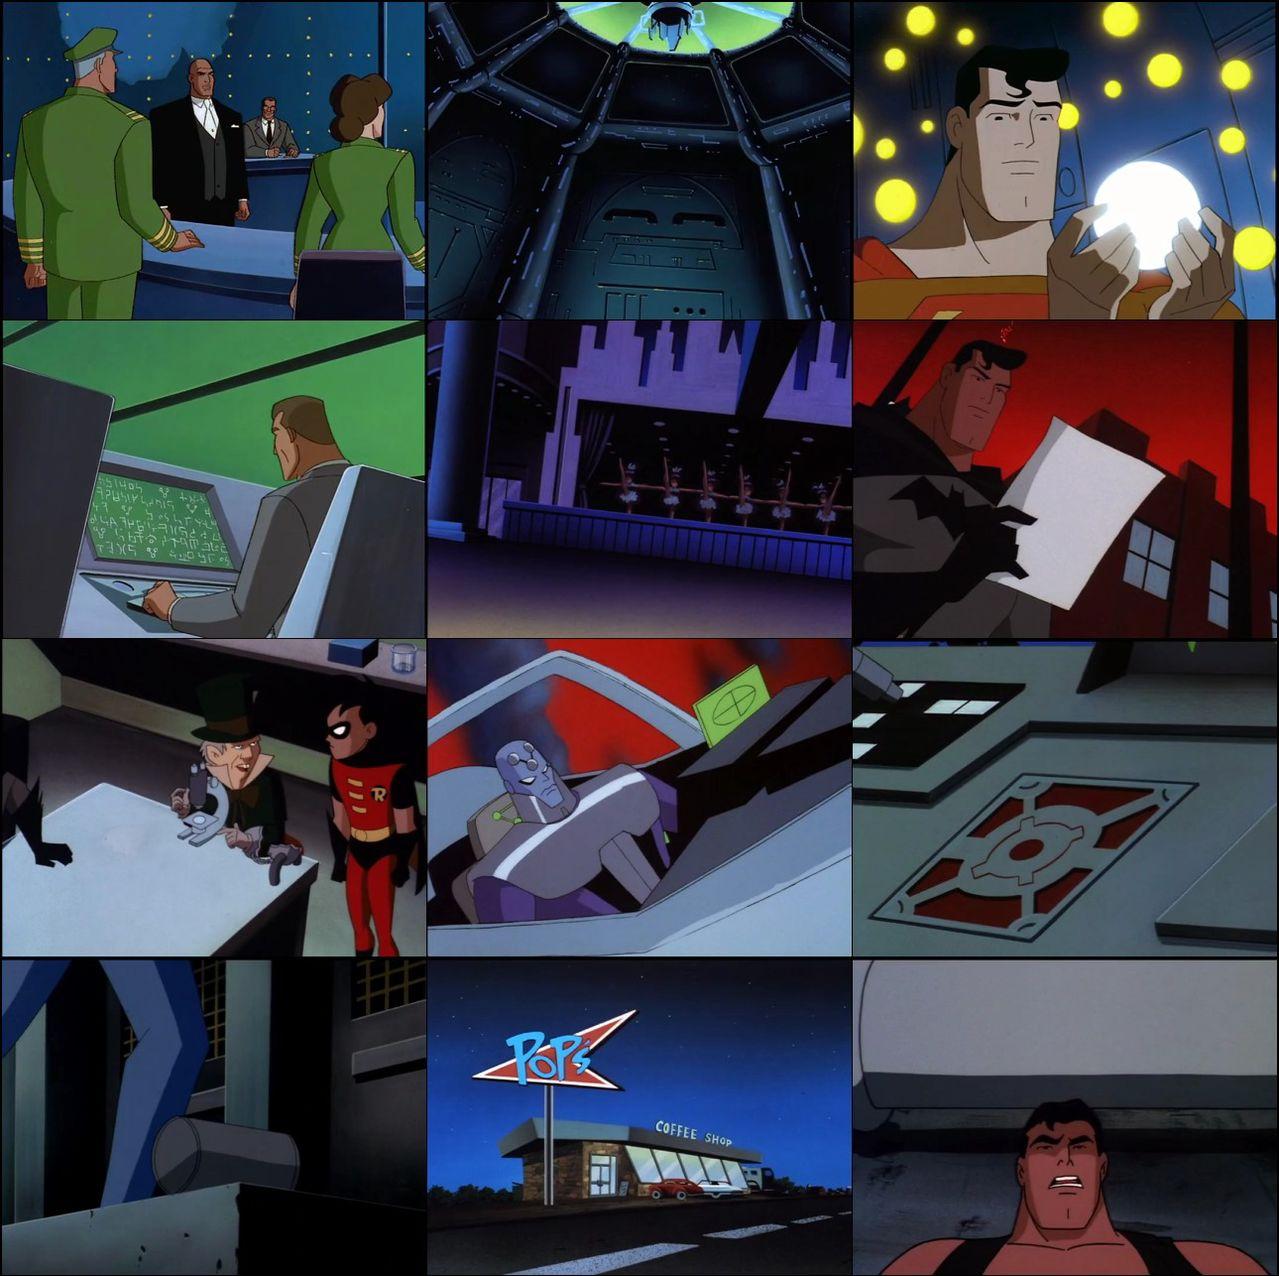 Superman Super-Villains - Brainiac